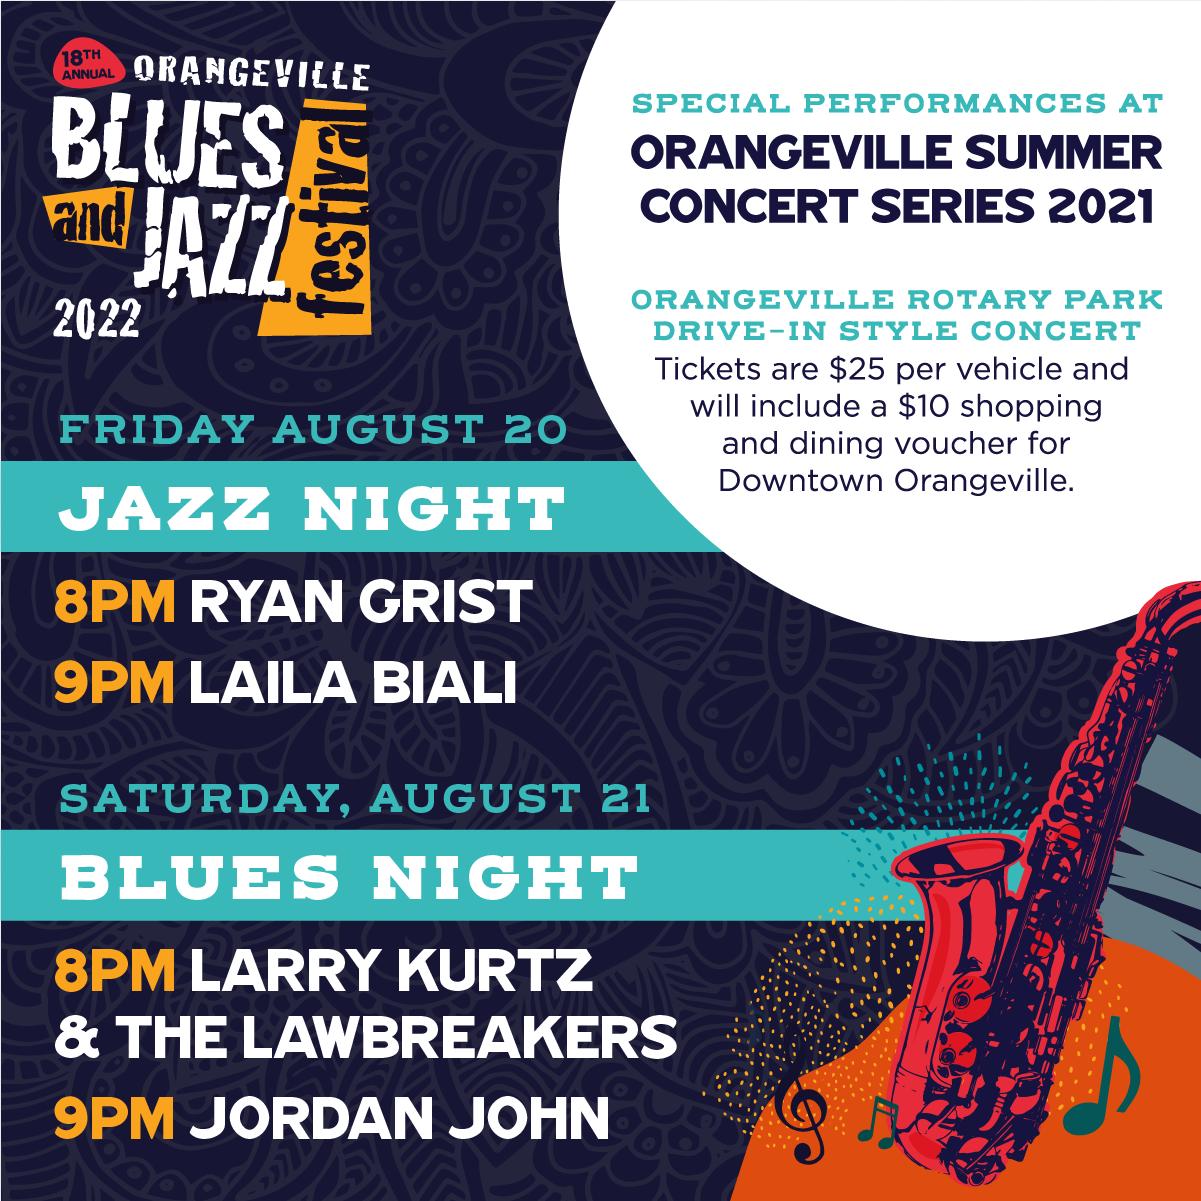 Orangeville Blues & Jazz Festival Announces Special Performances